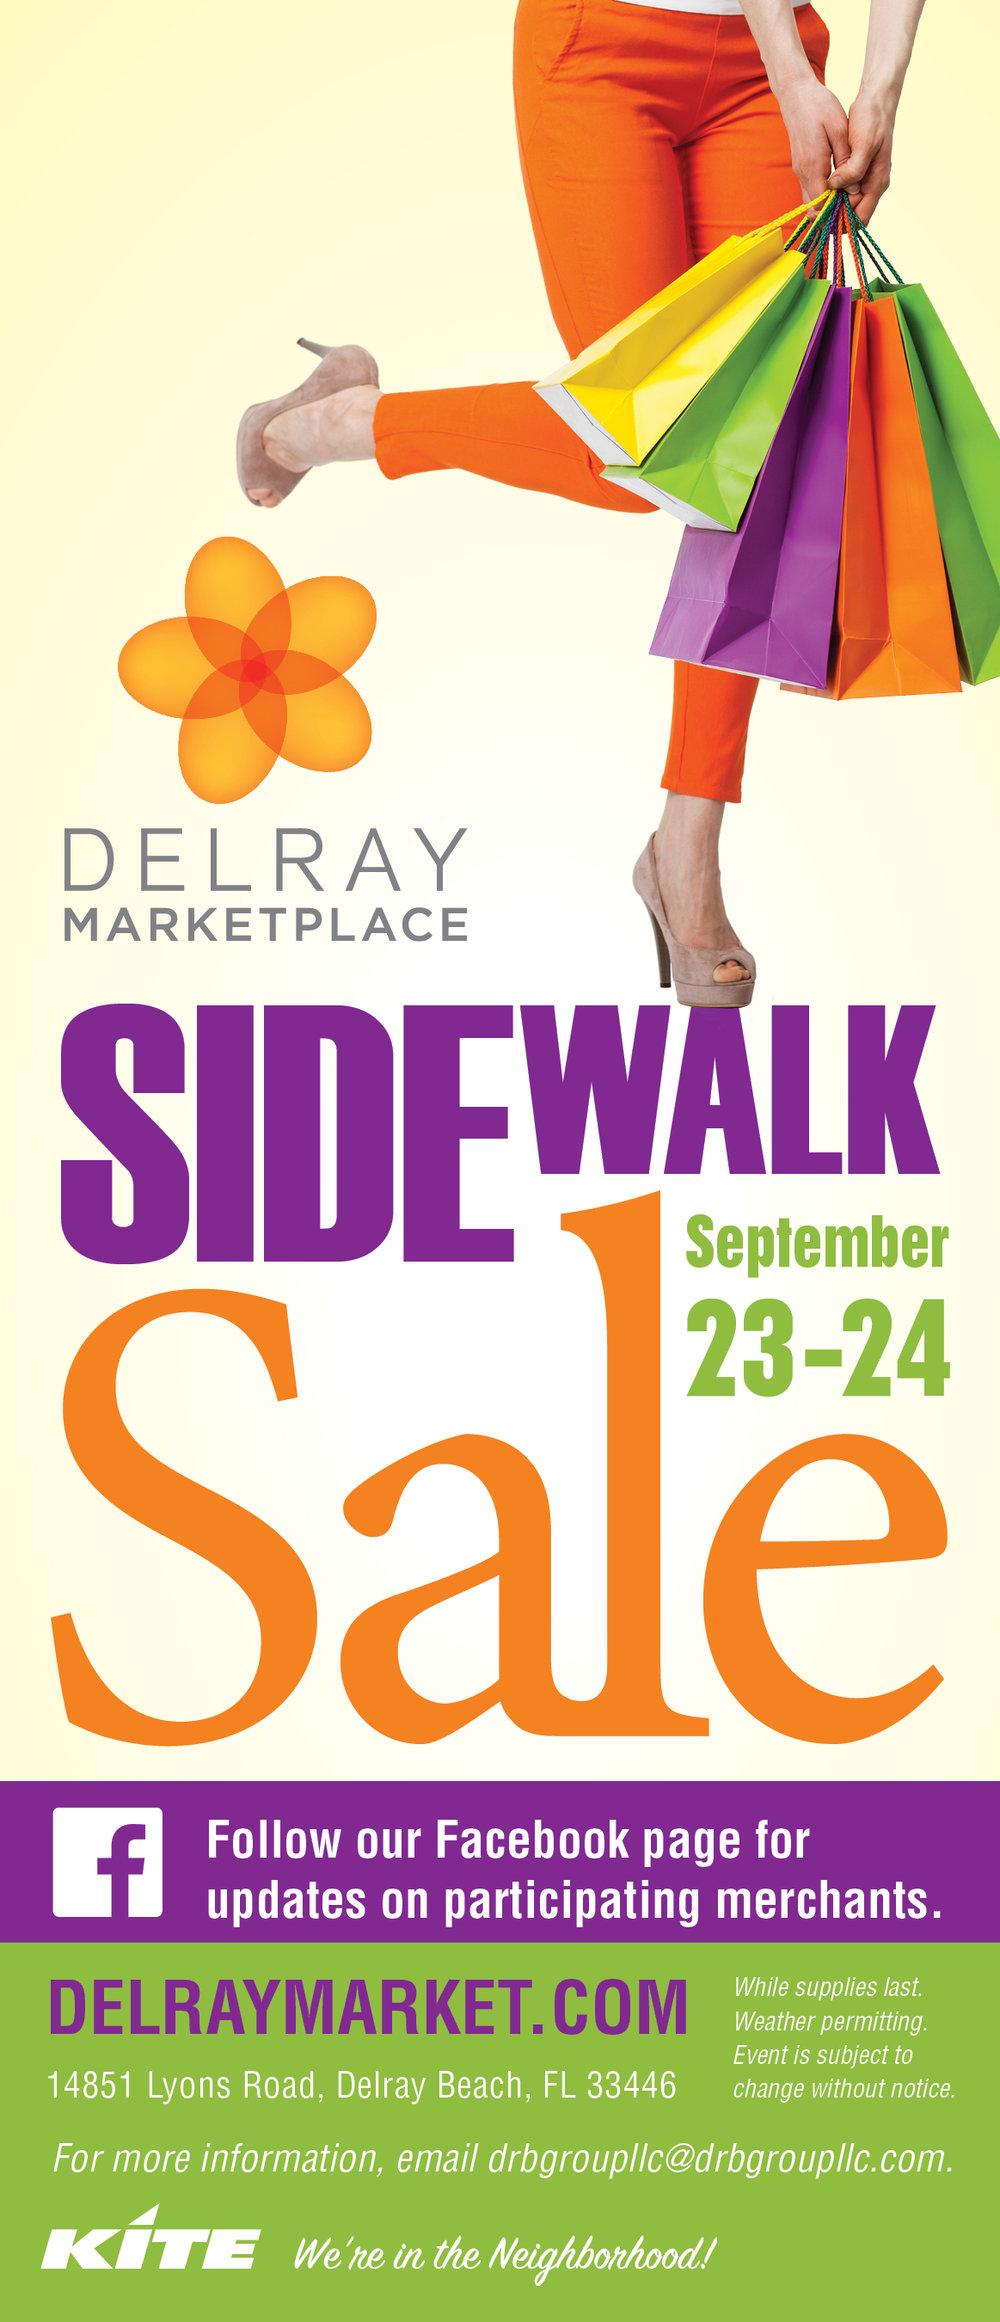 delray_sidewalk_sale_buckslip_SEPT.jpg